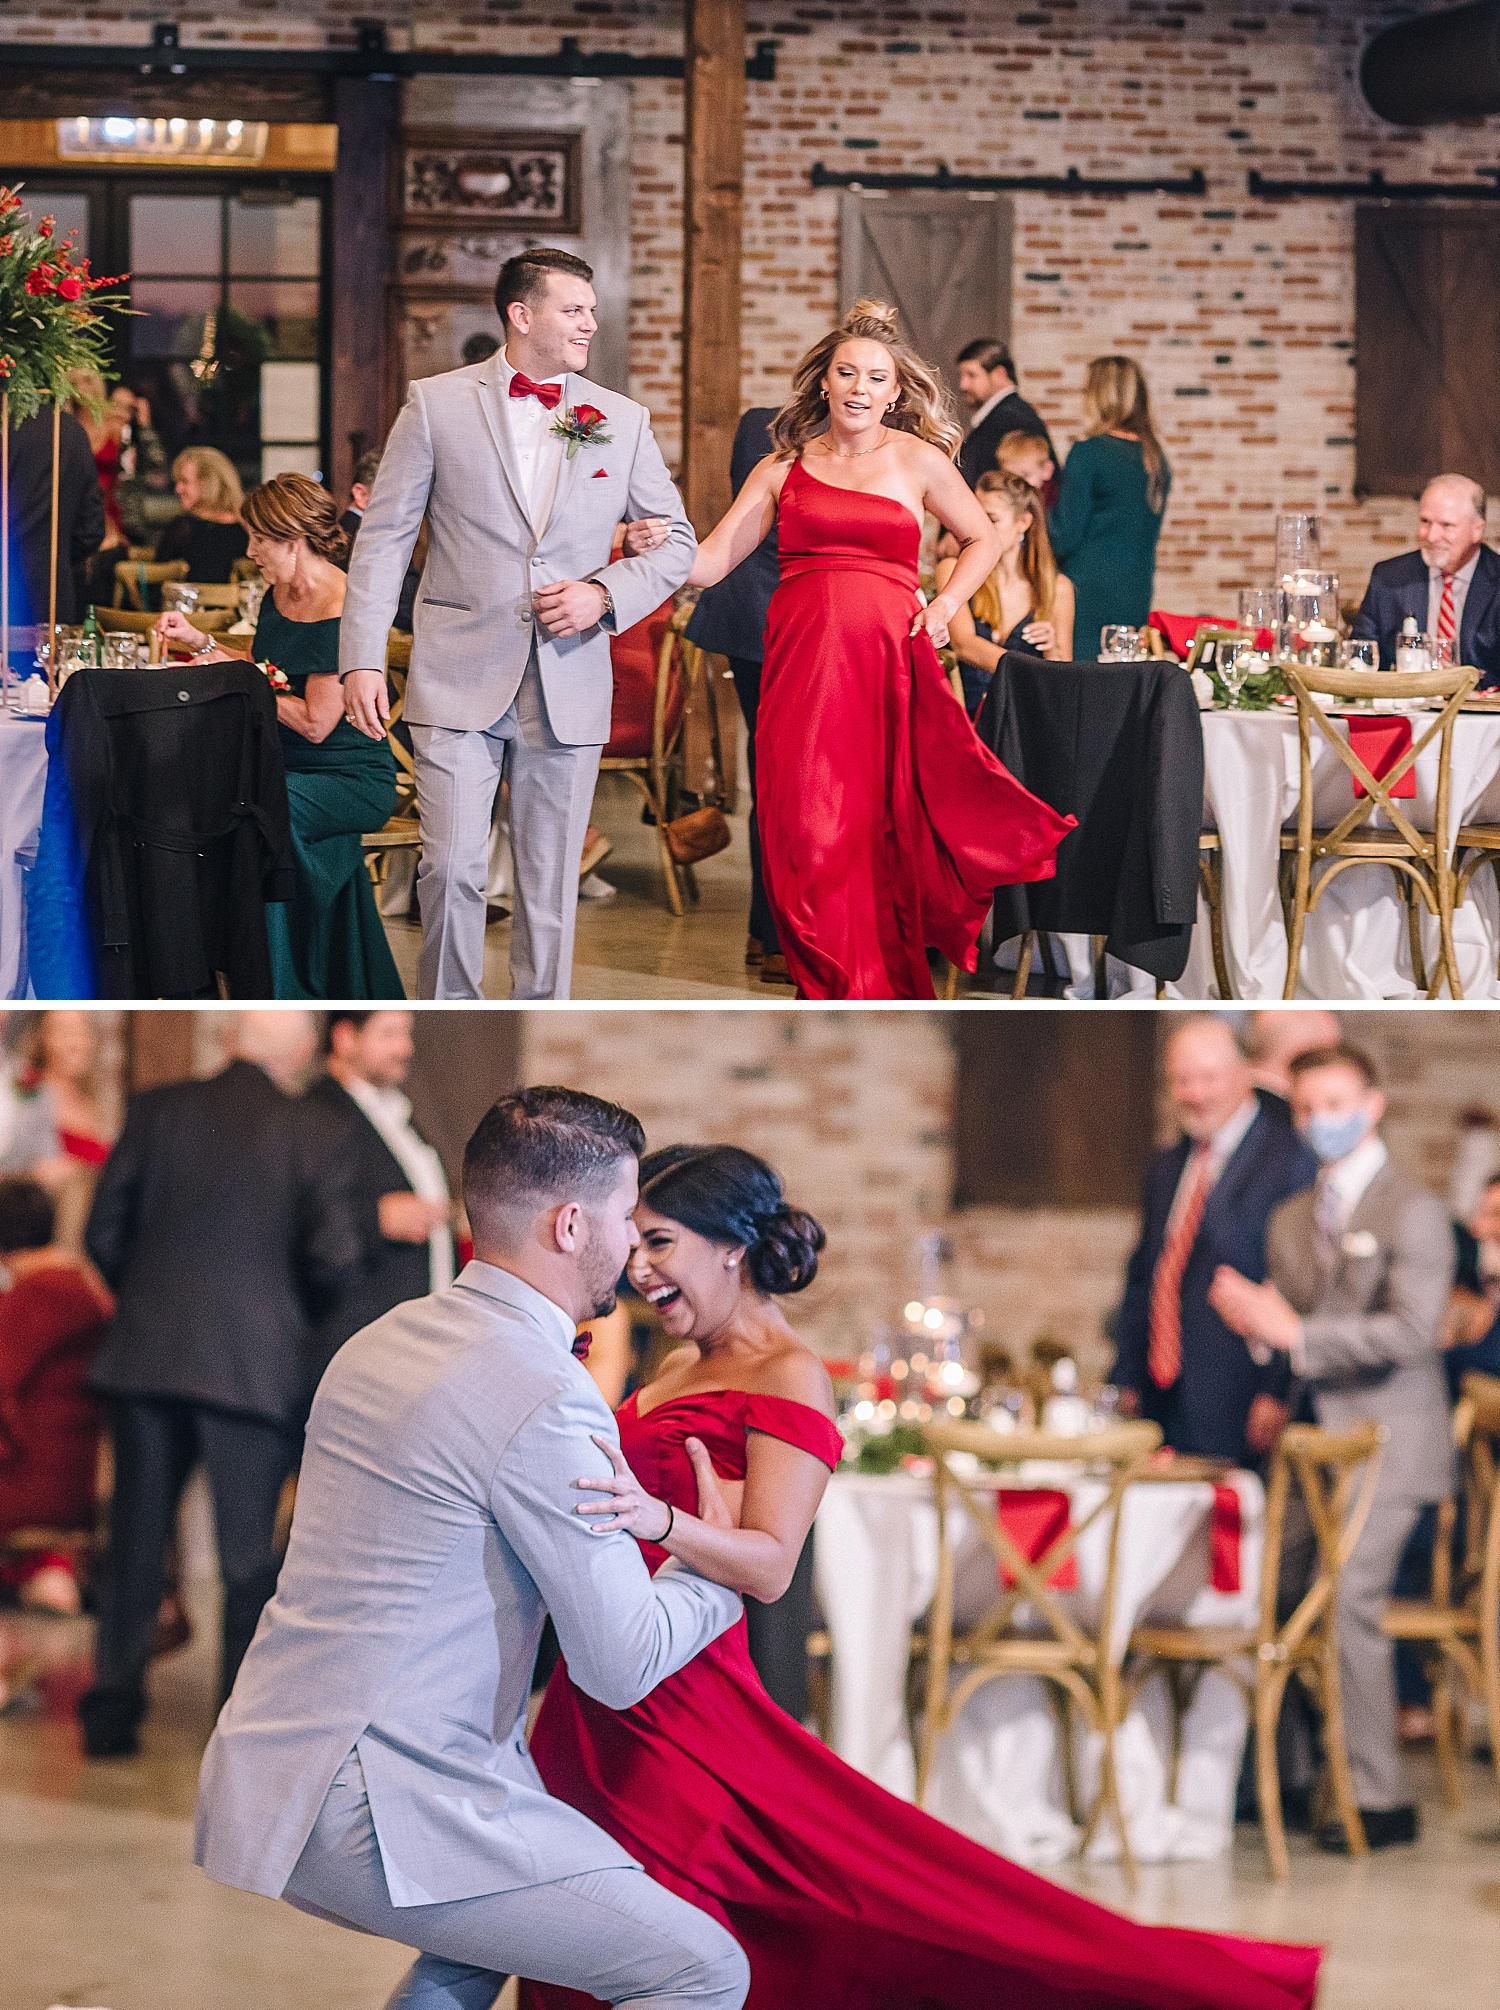 College-Station-Aggie-Wedding-The-Weinberg-at-Wixon-Valley-Christmas-Hallmark-Wedding_0139.jpg